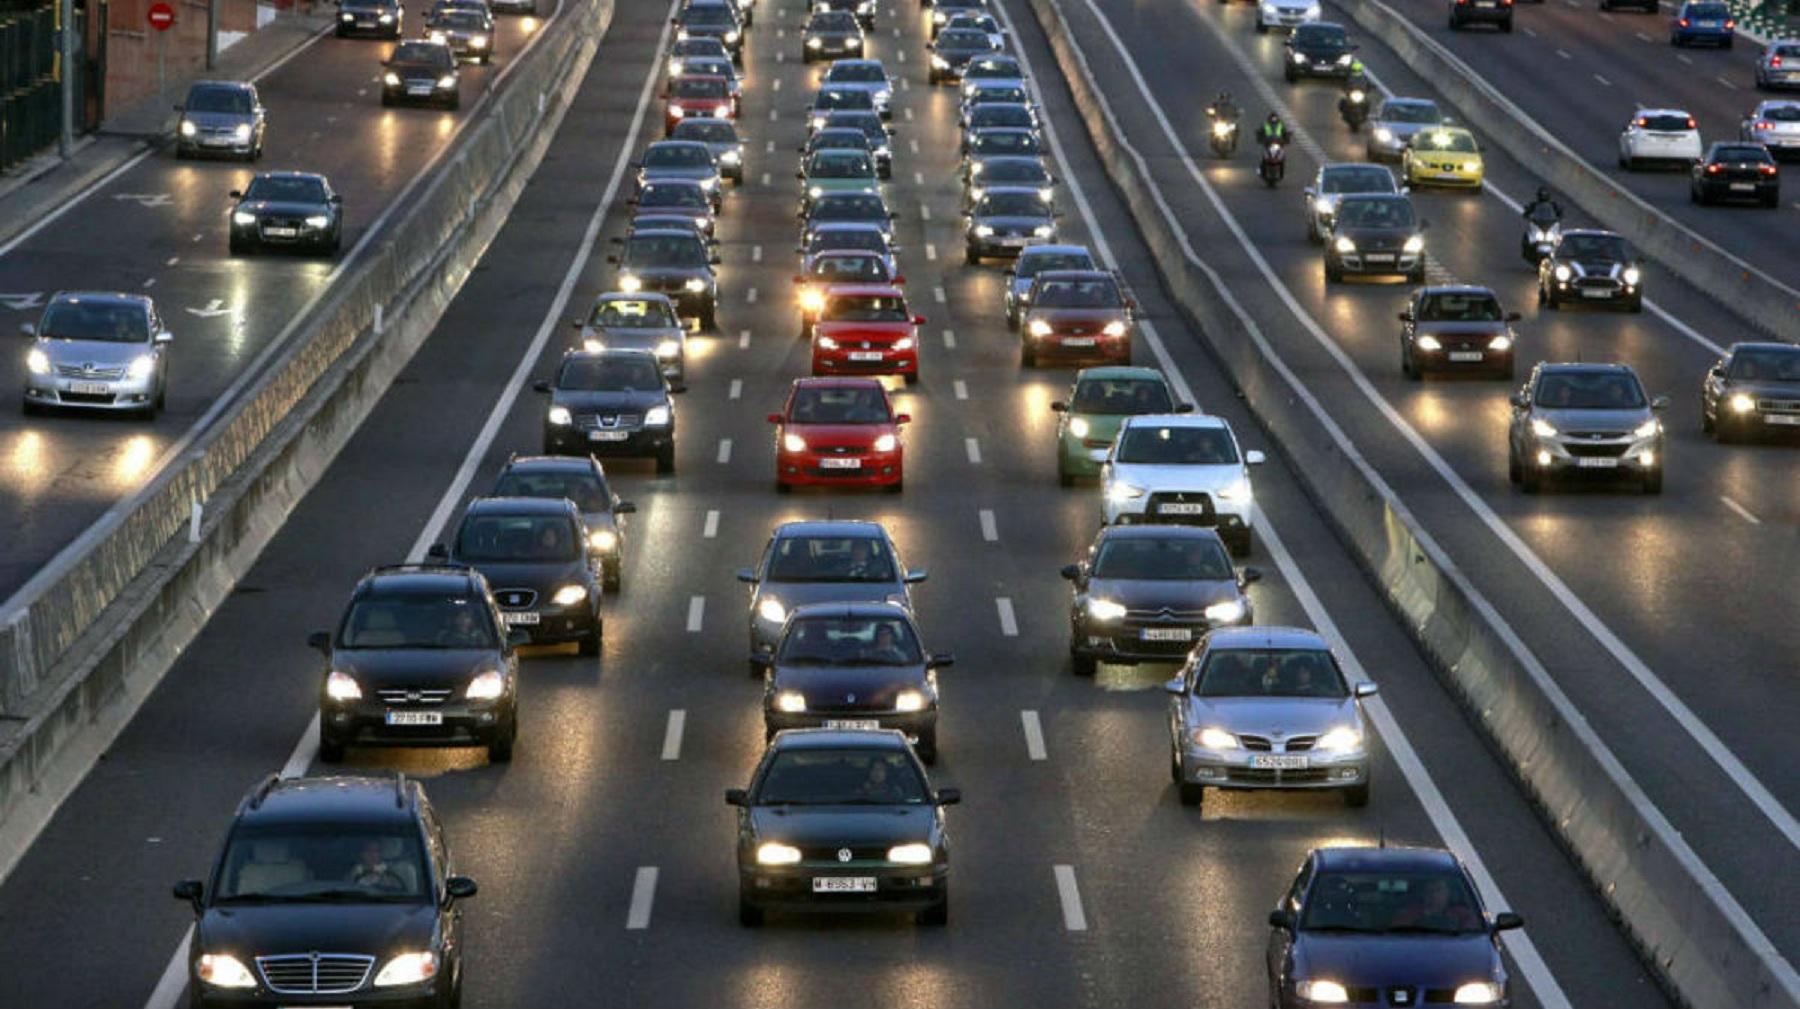 Водителям могут продлить срок уплаты штрафа с 50% скидкой с двадцати до шестидесяти дней